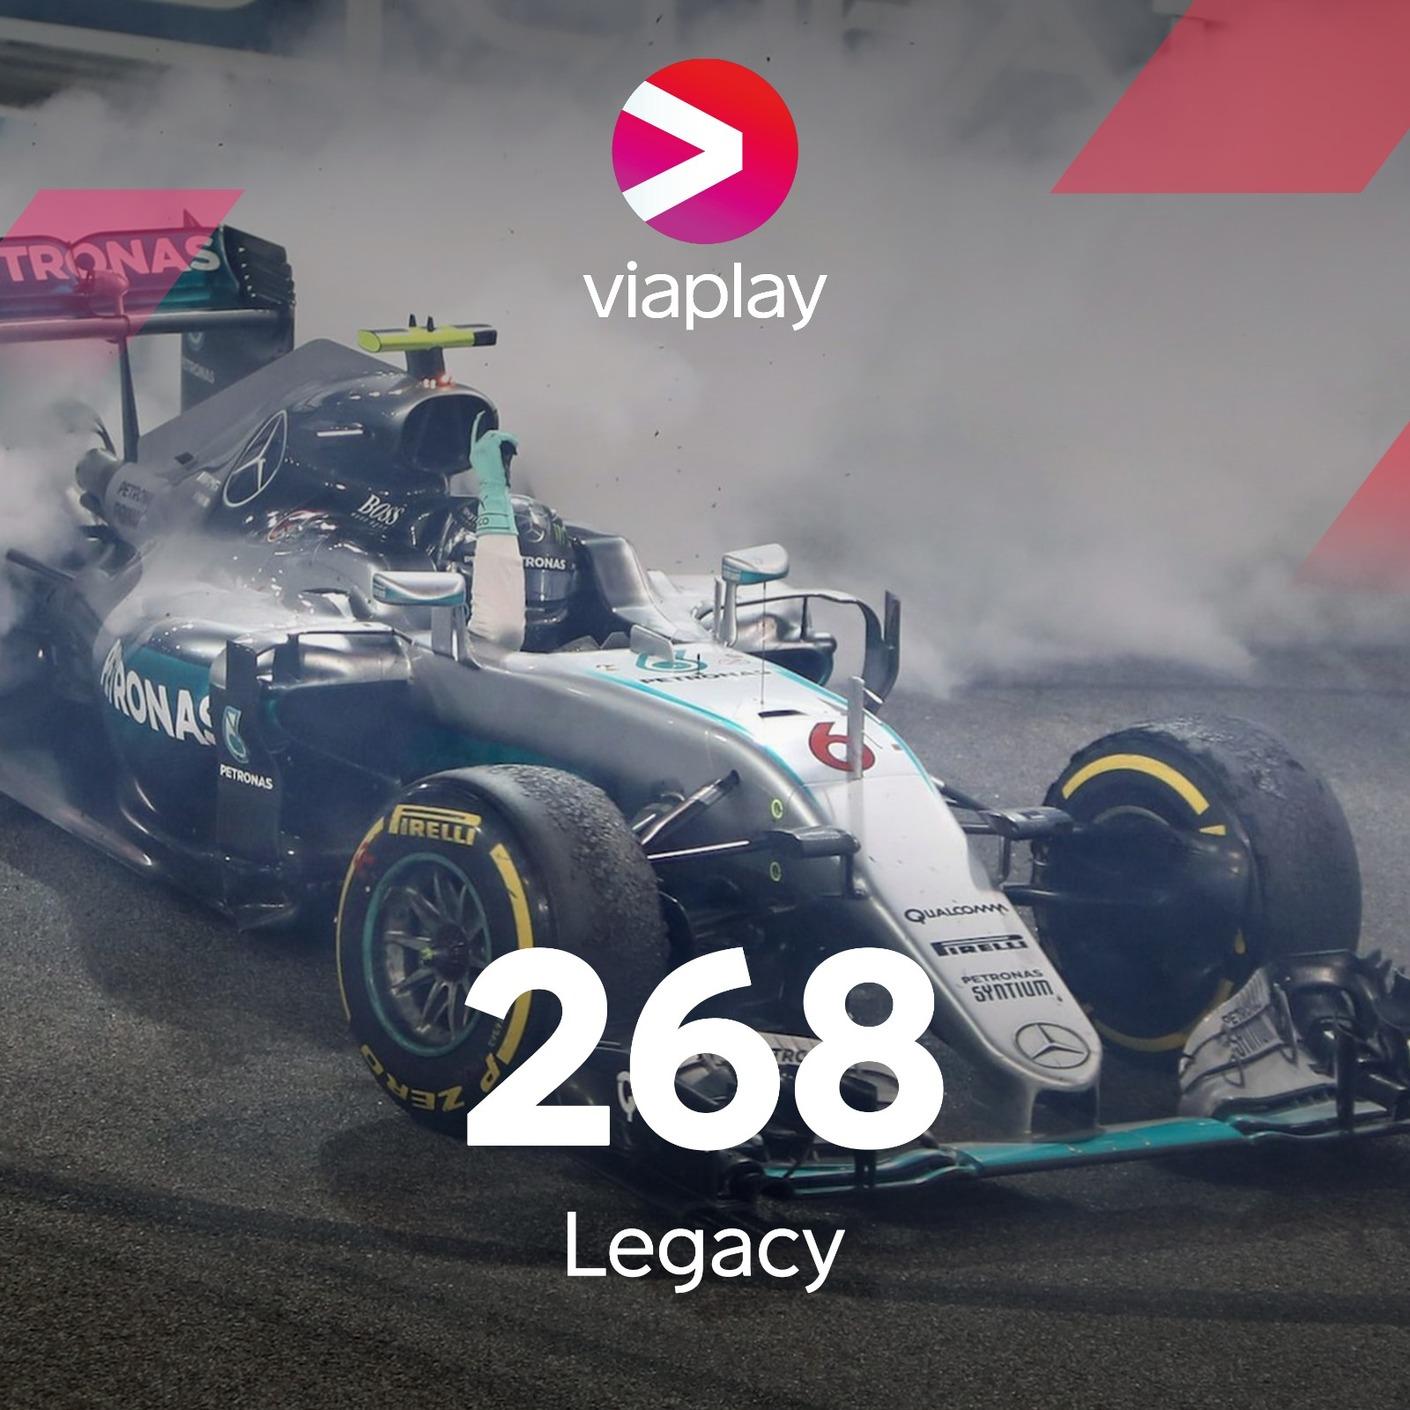 268. Legacy